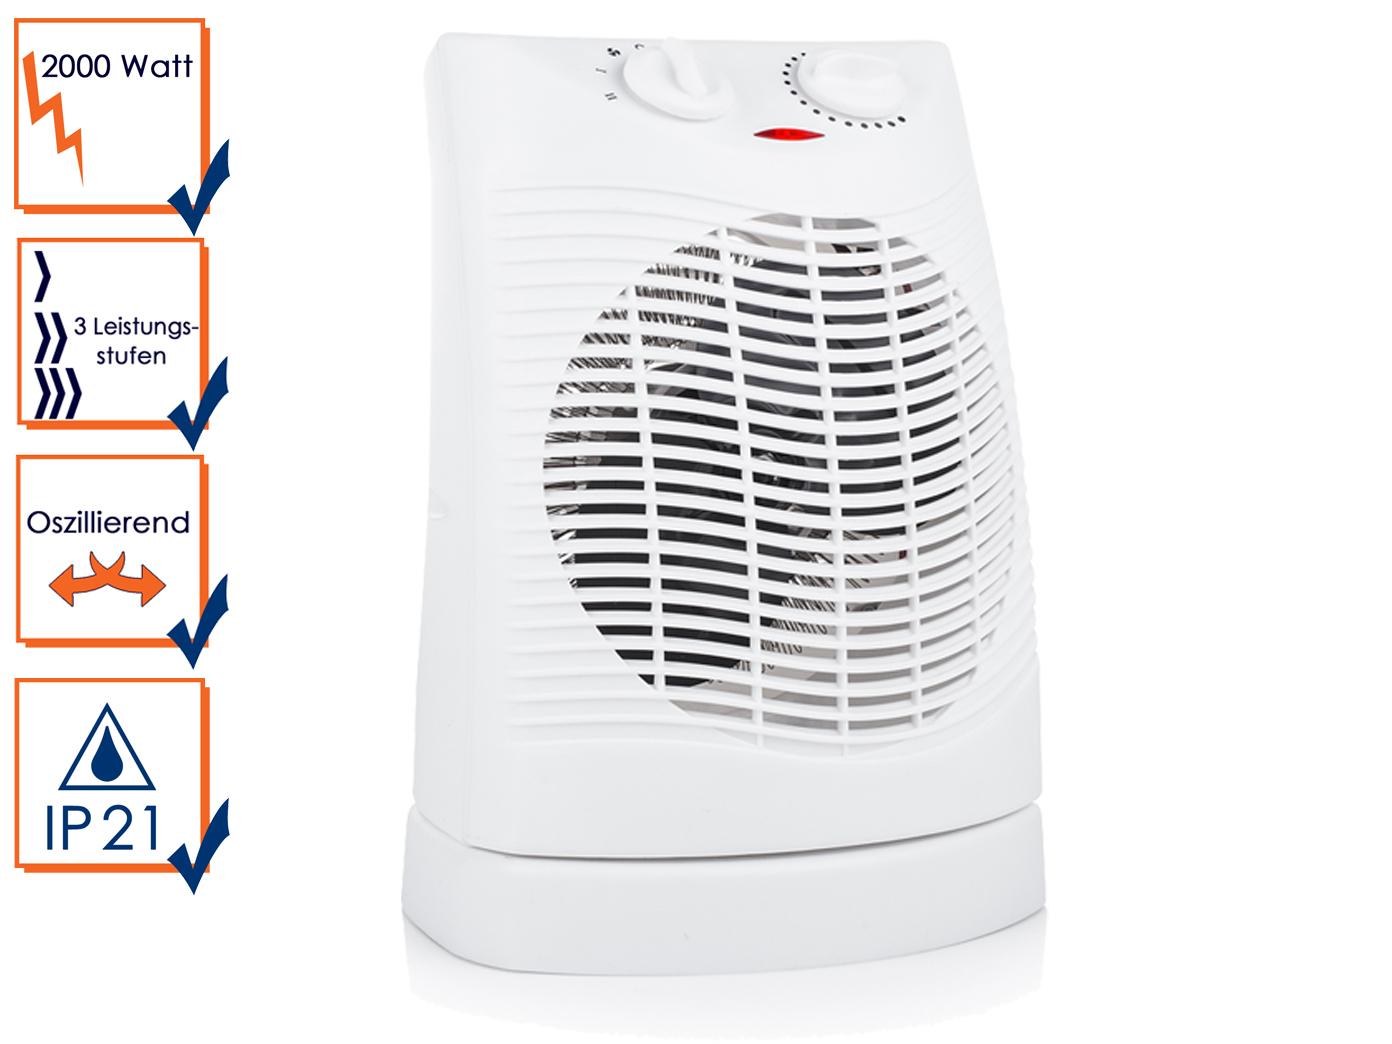 radiator l heiz k rper 7 rippen werkstatt. Black Bedroom Furniture Sets. Home Design Ideas